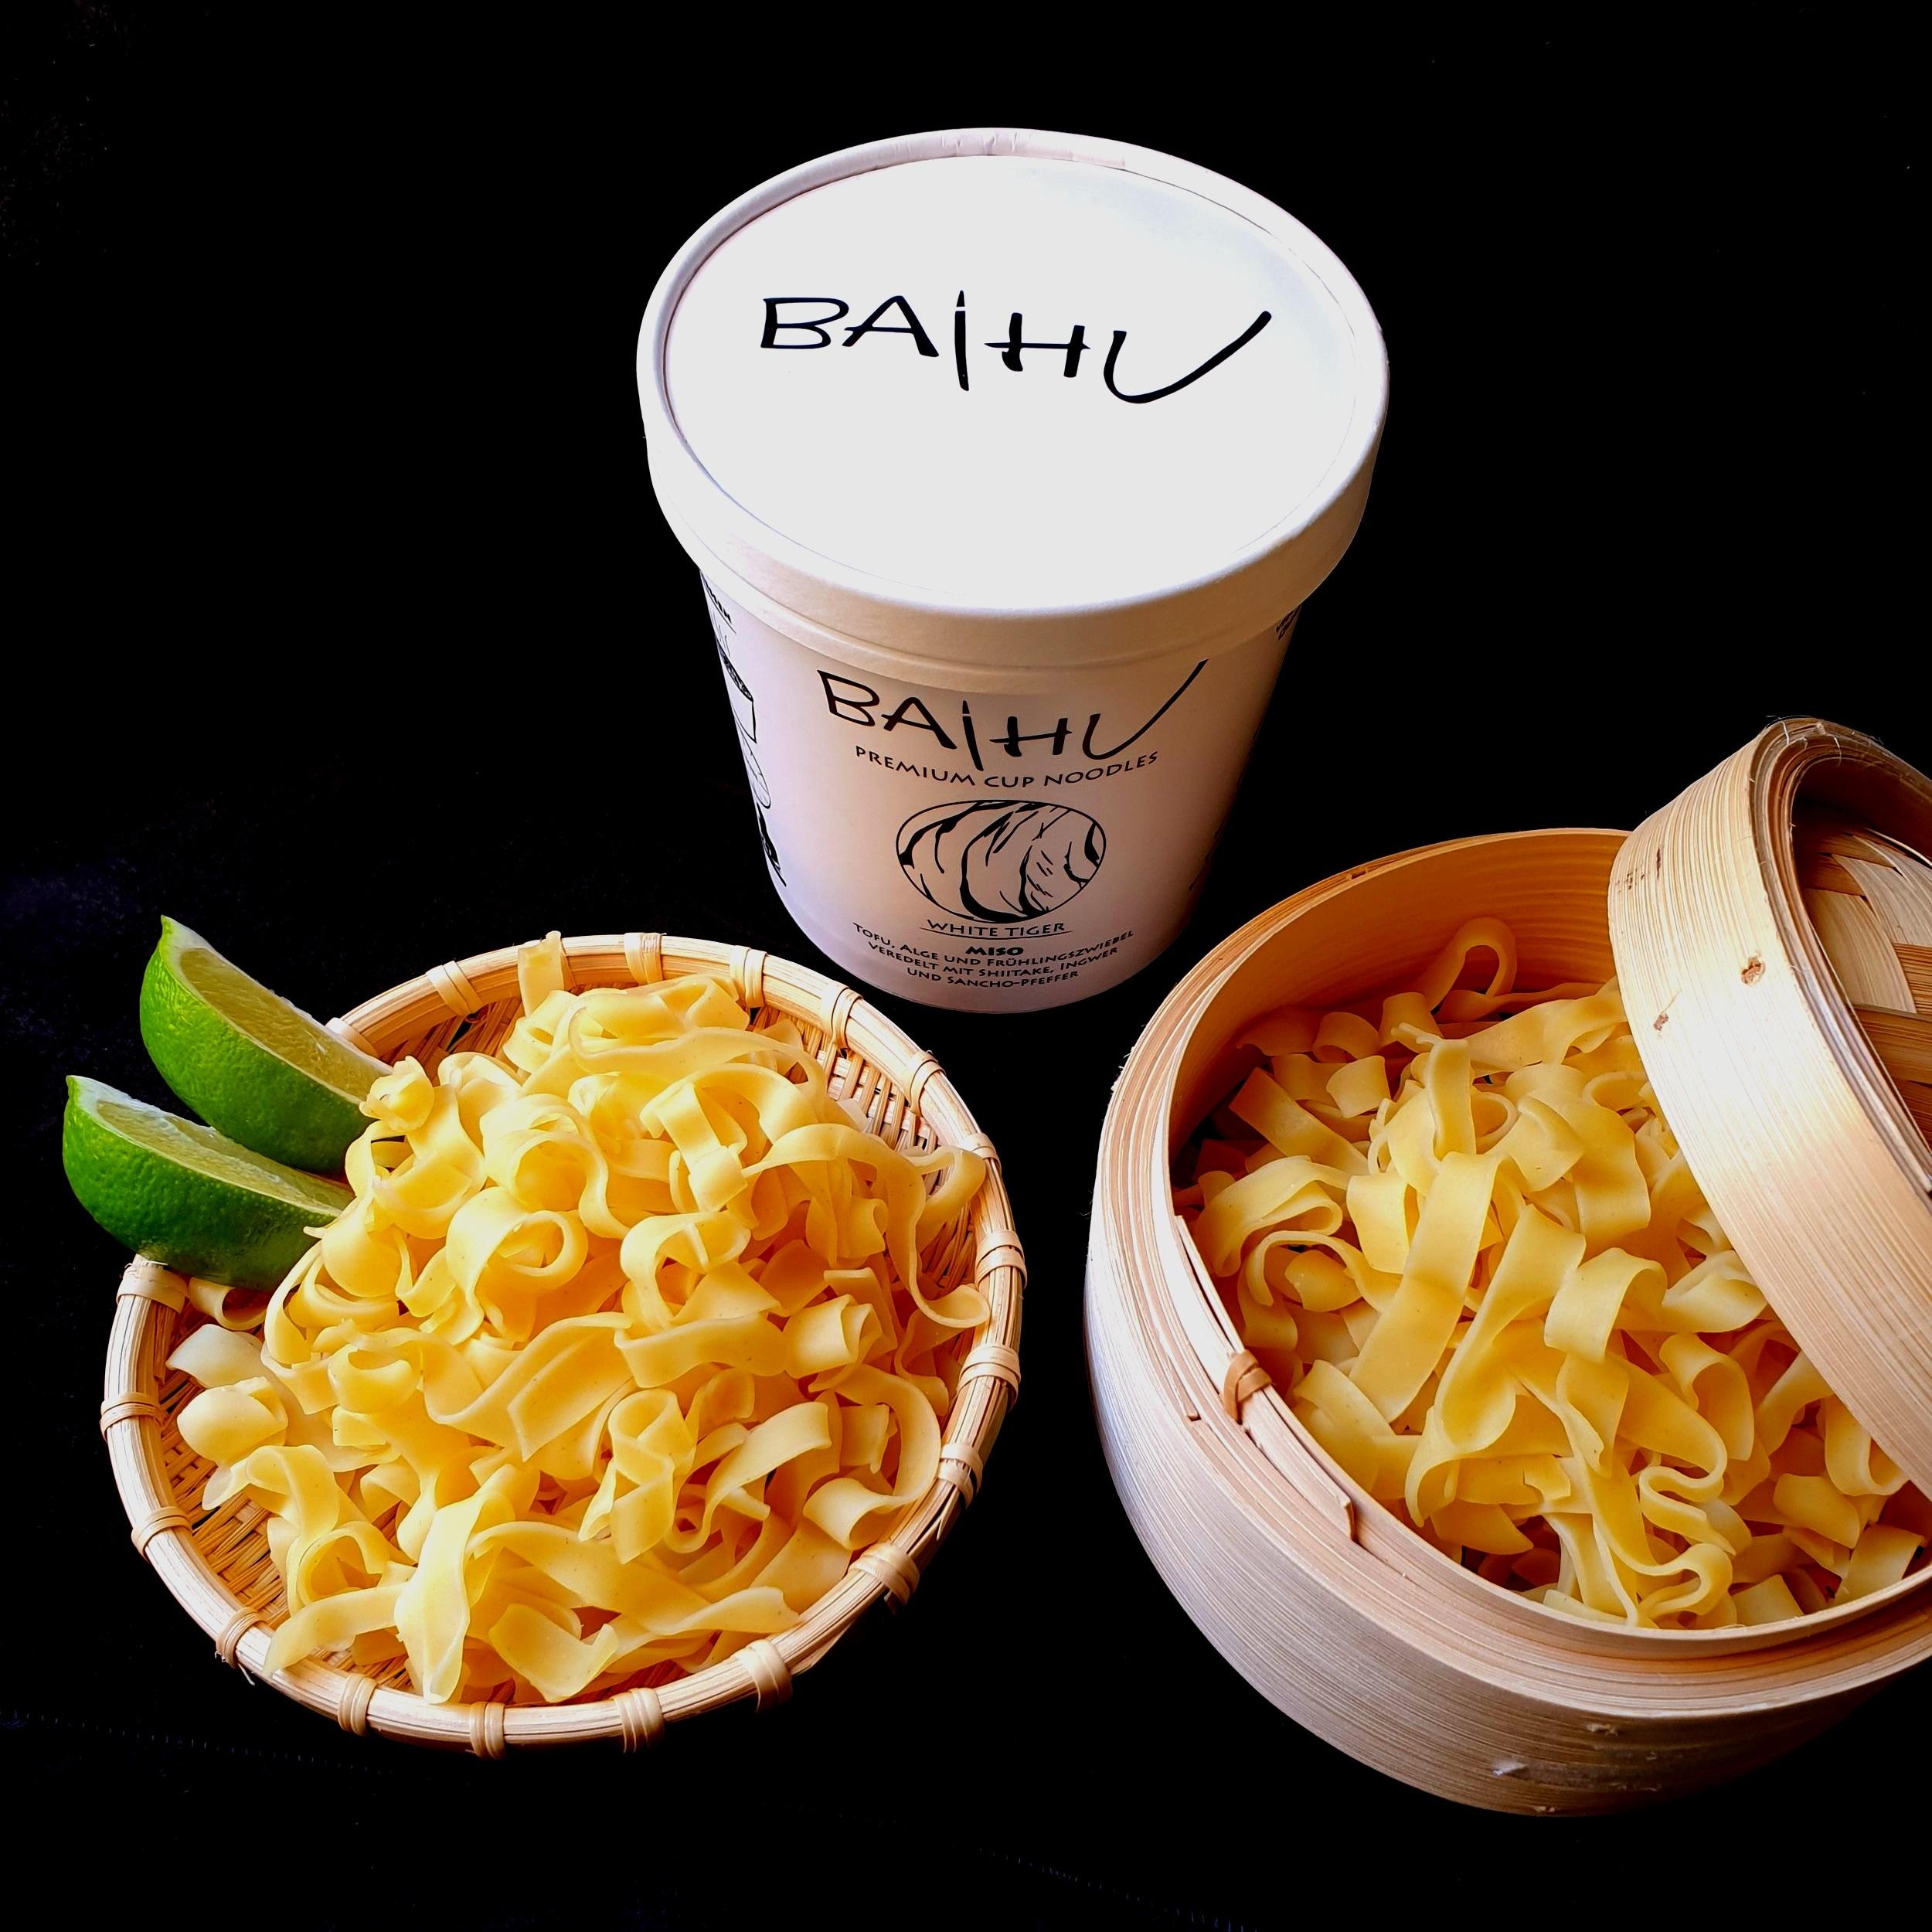 Baihu+Instant+Noodles+Noodles.jpg